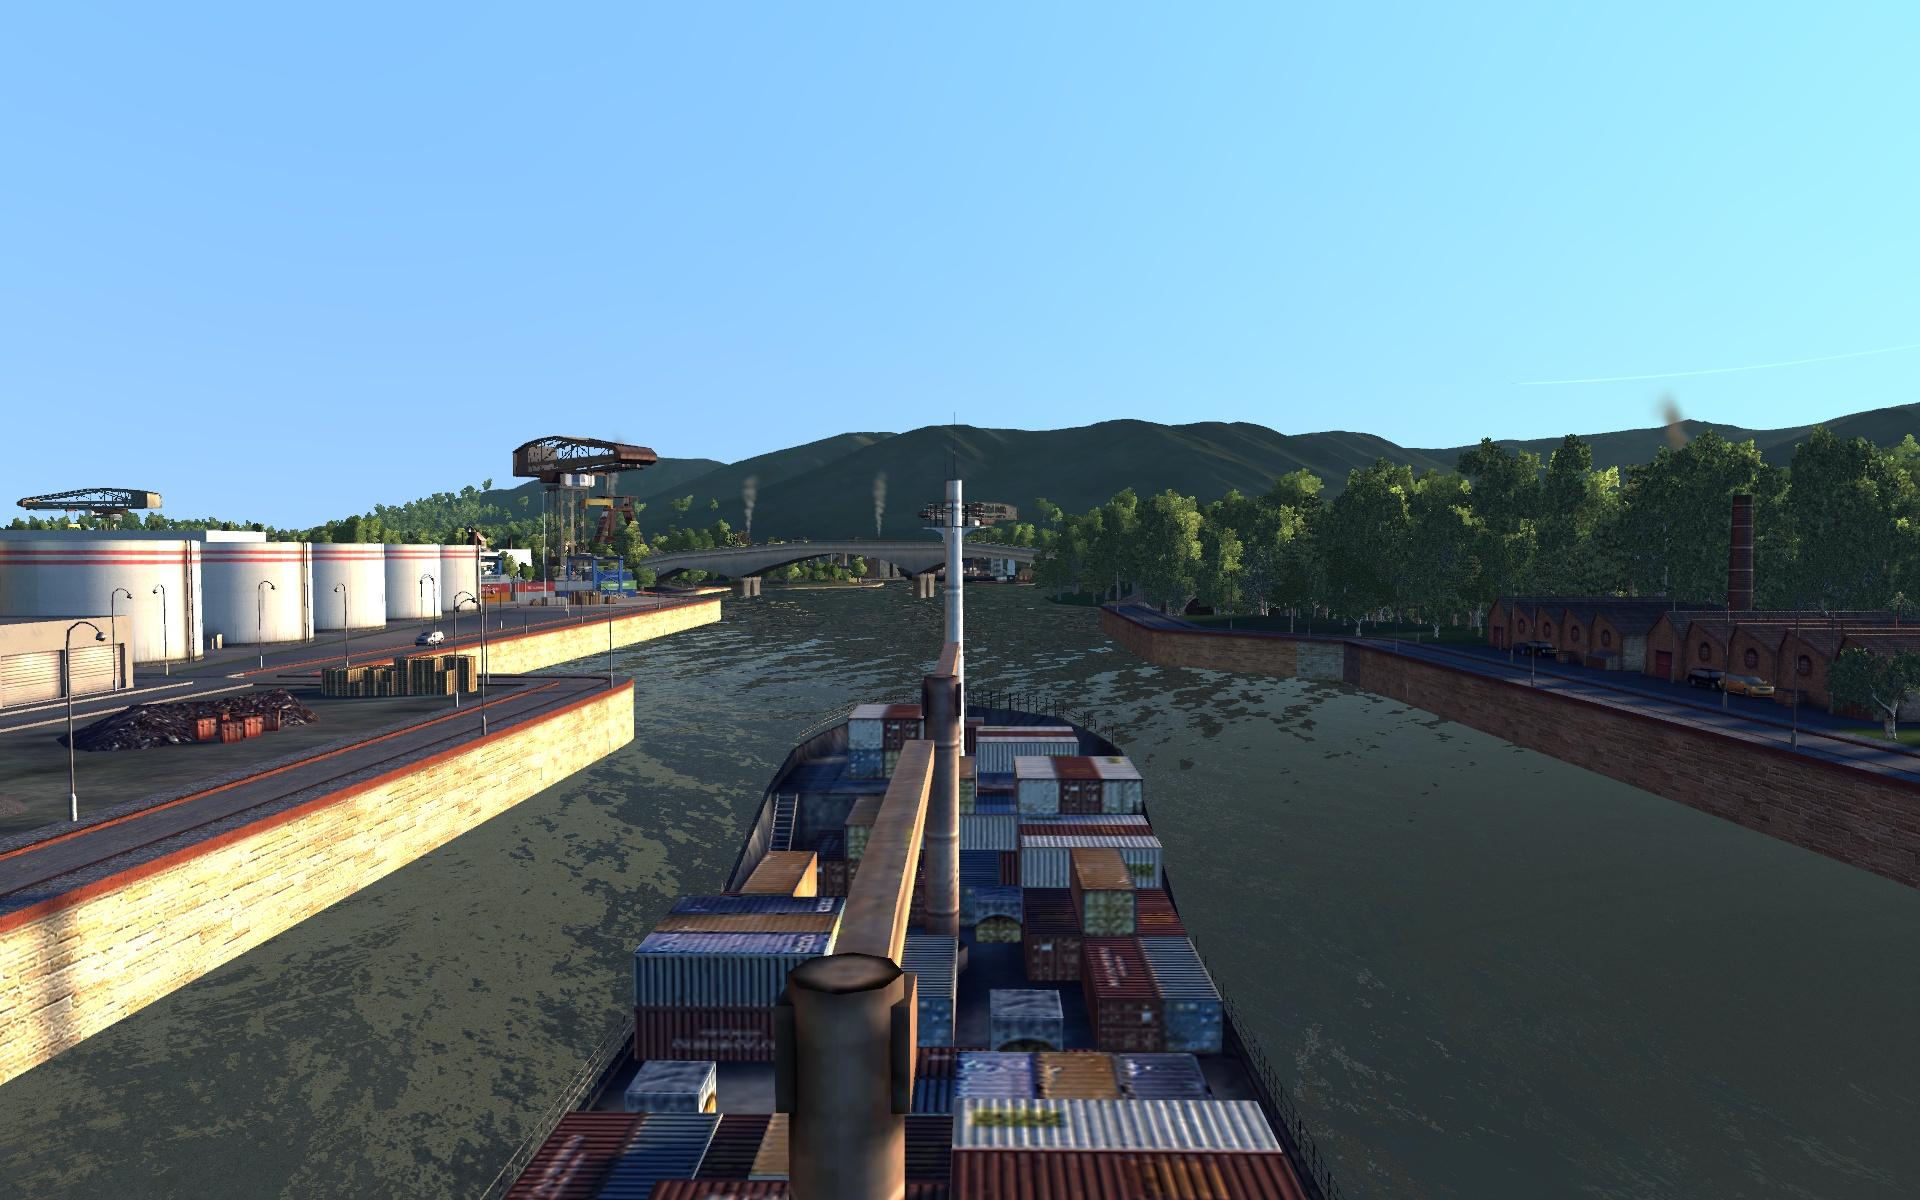 cxl_screenshot_siorez_109.jpg